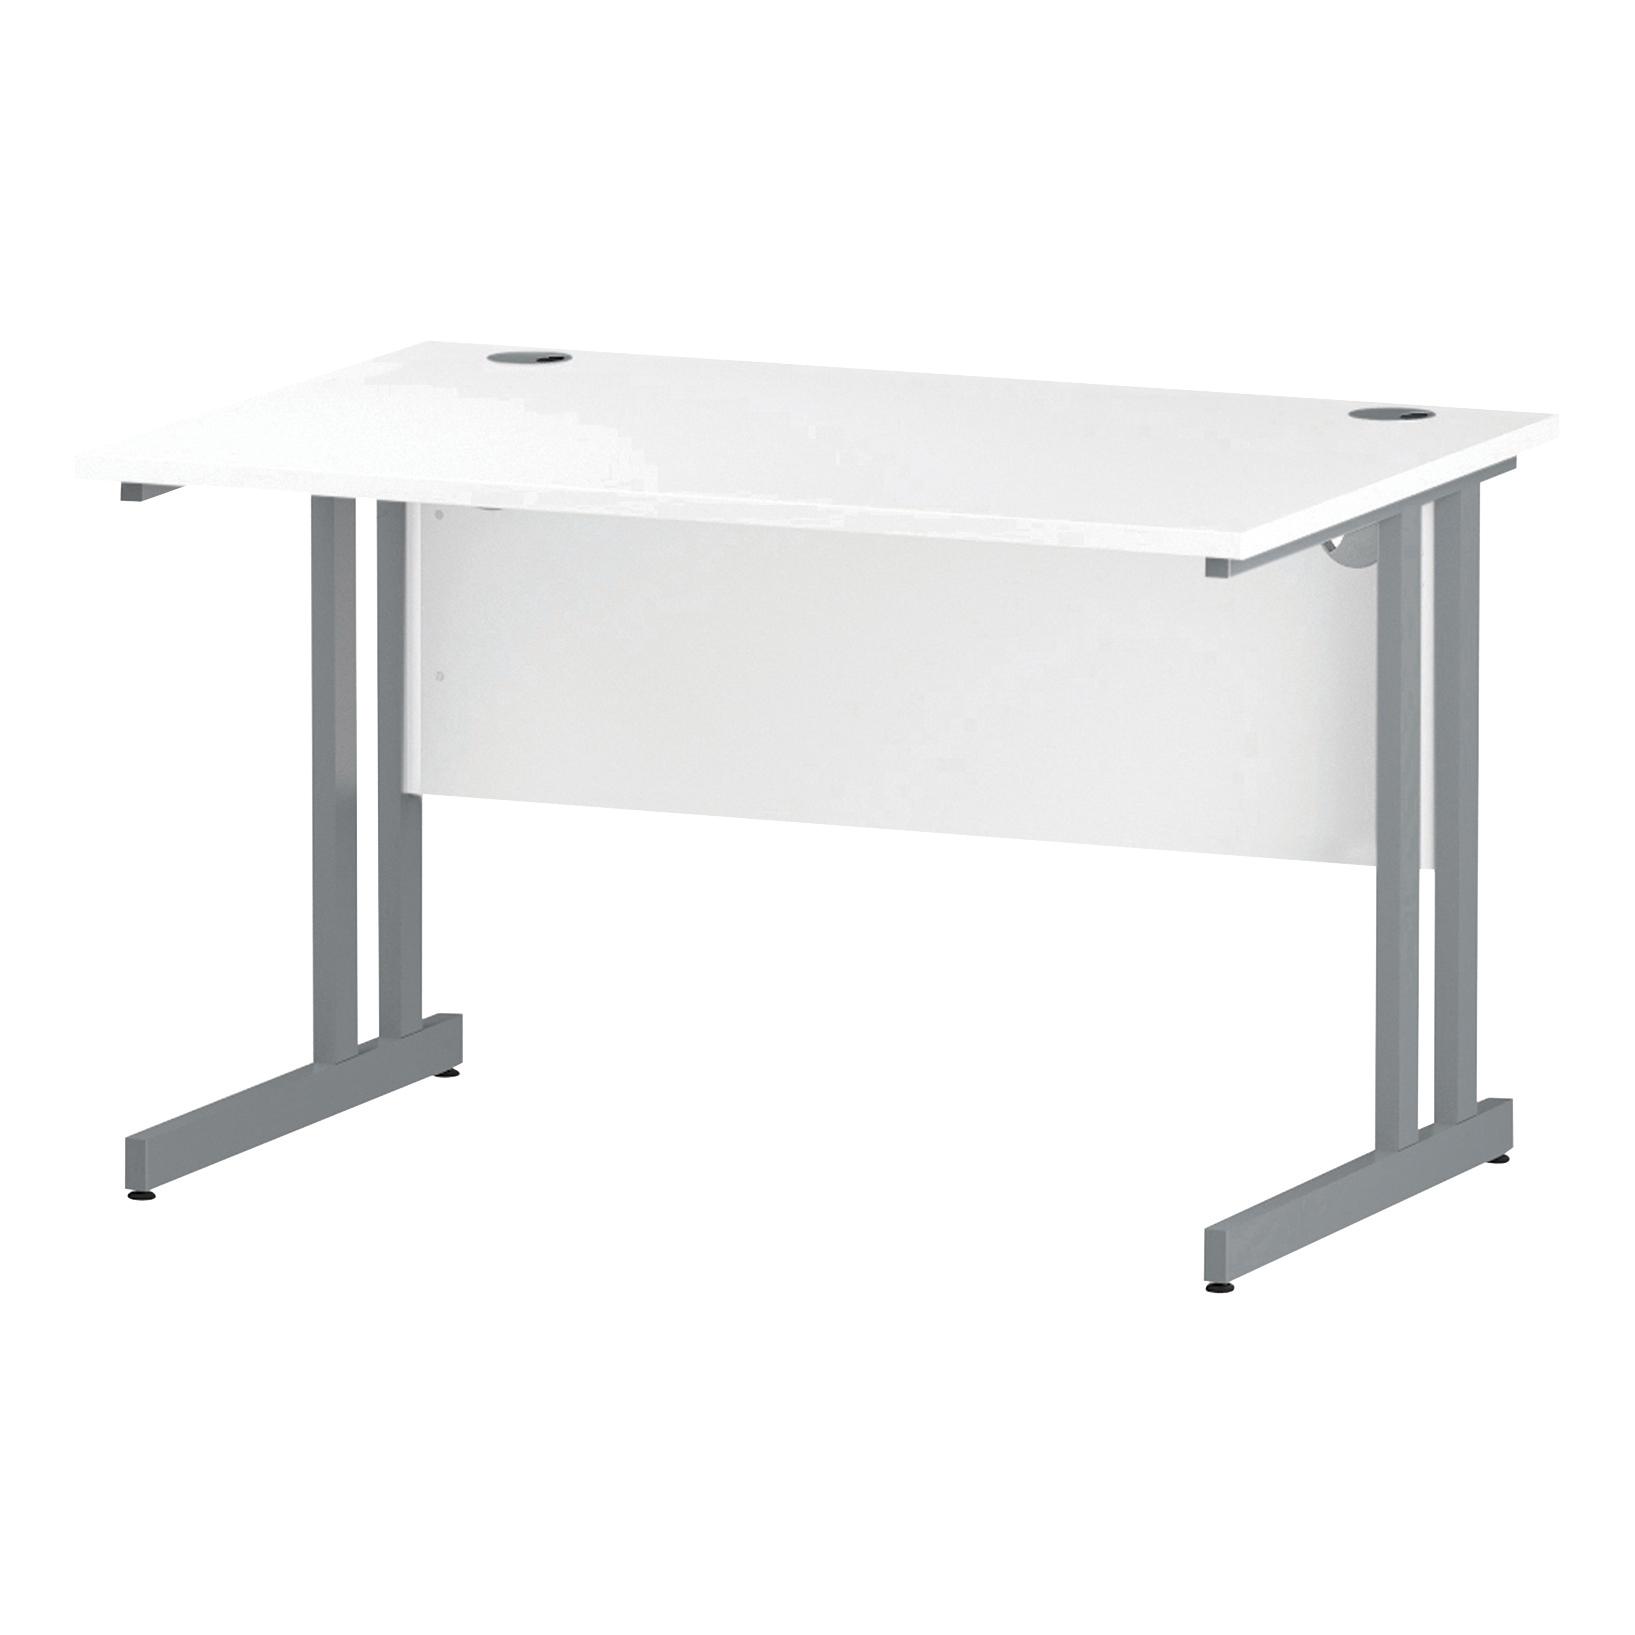 Trexus Rectangular Desk Silver Cantilever Leg 1200x800mm White Ref I000305